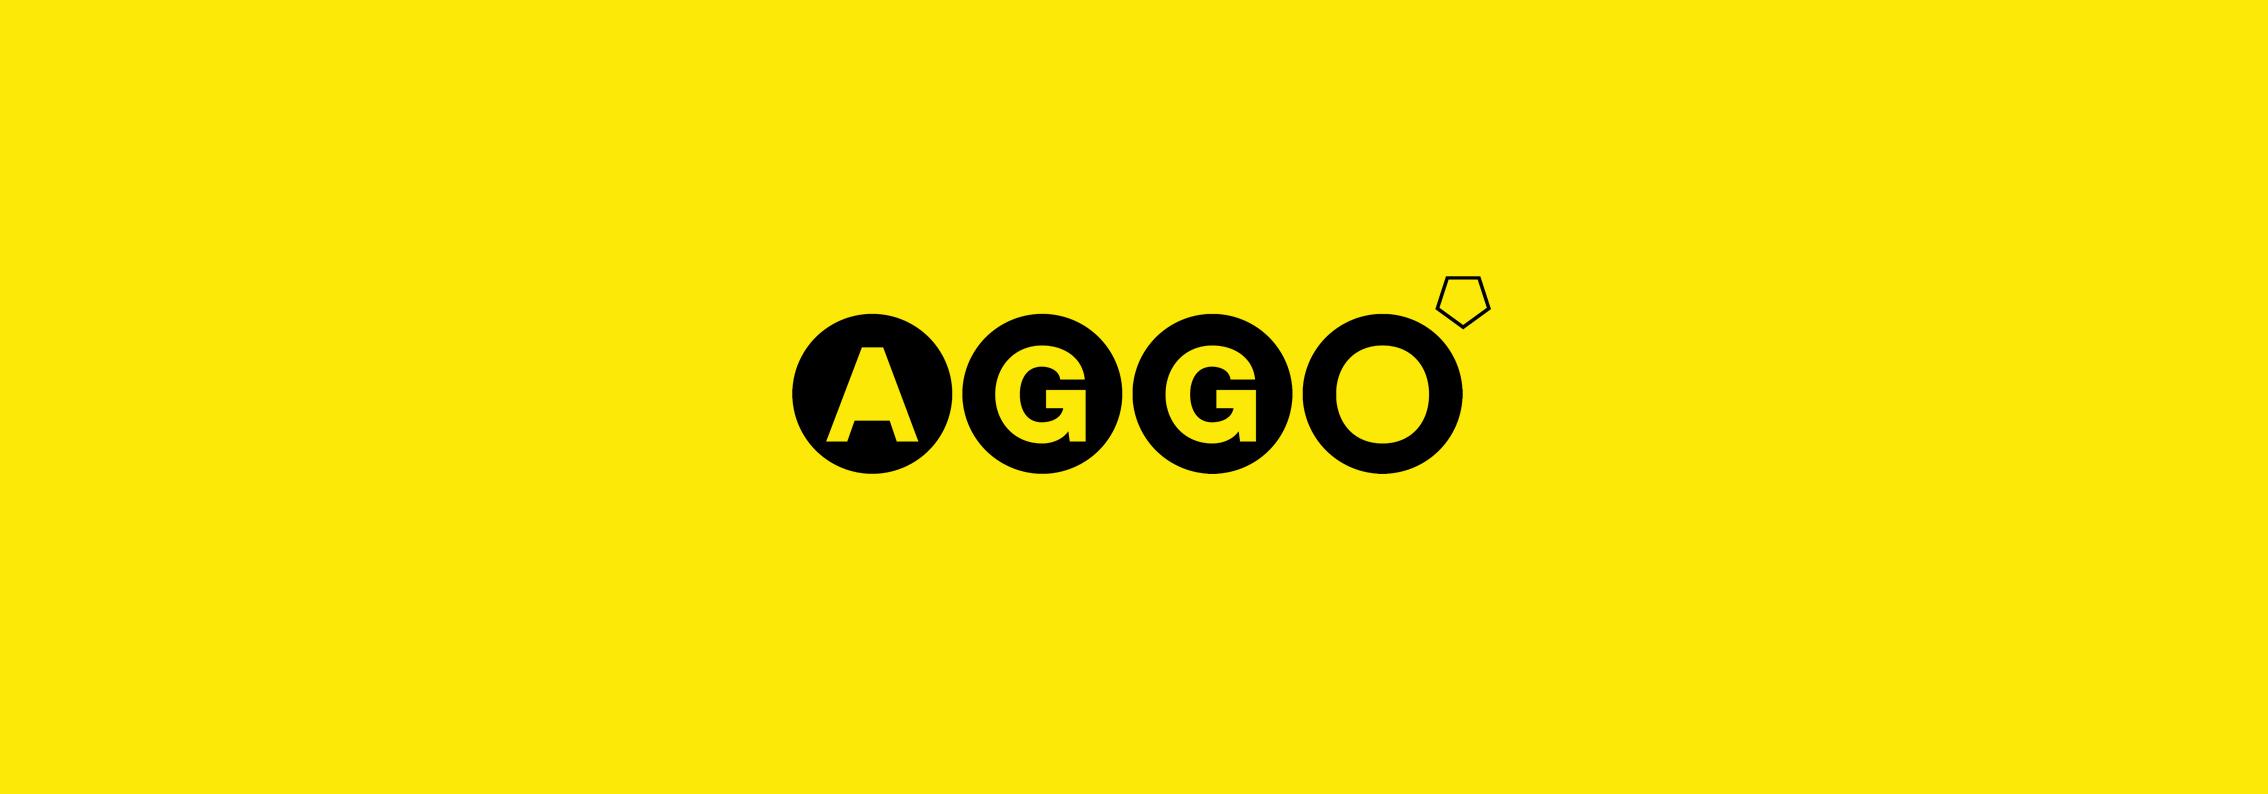 aggo_about001.jpg